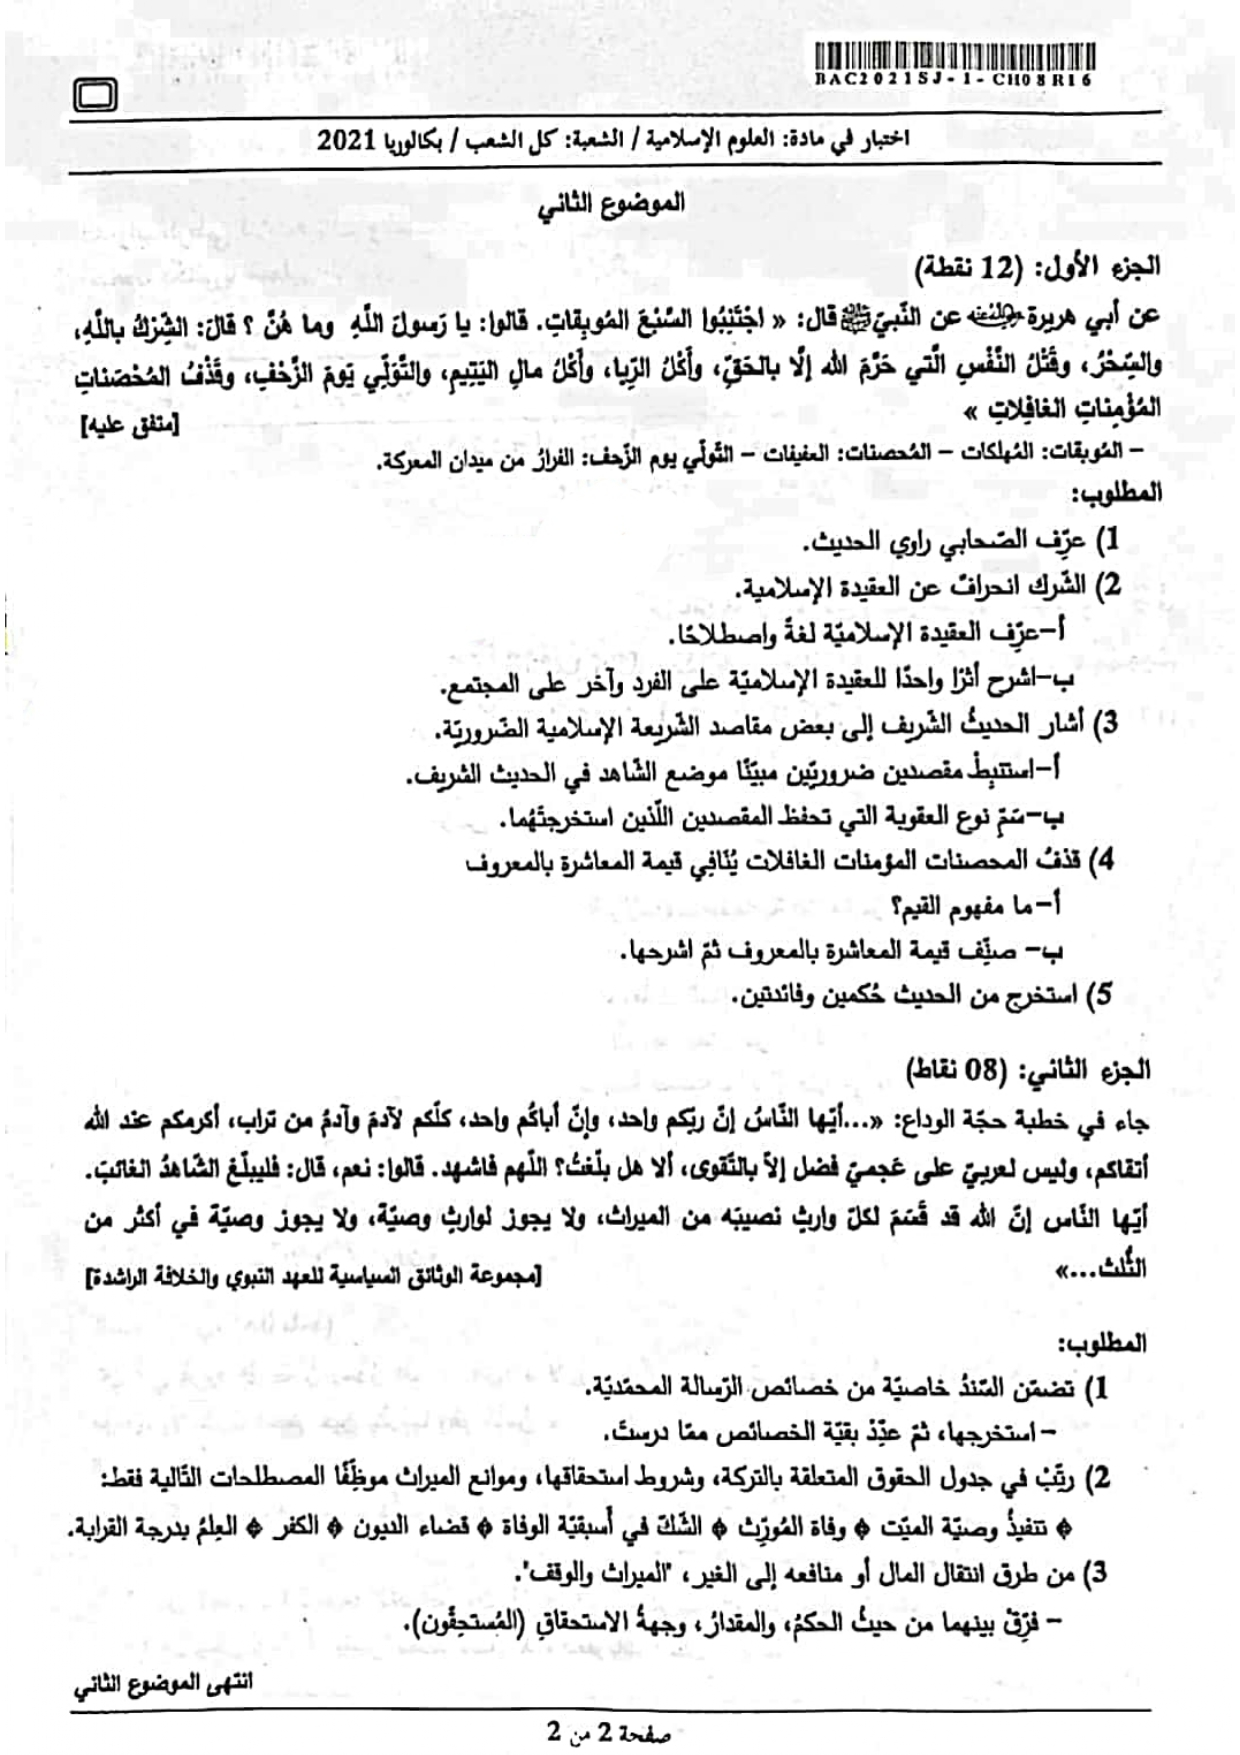 موضوع العلوم الإسلامية بكالوريا 2021 جميع الشعب bac